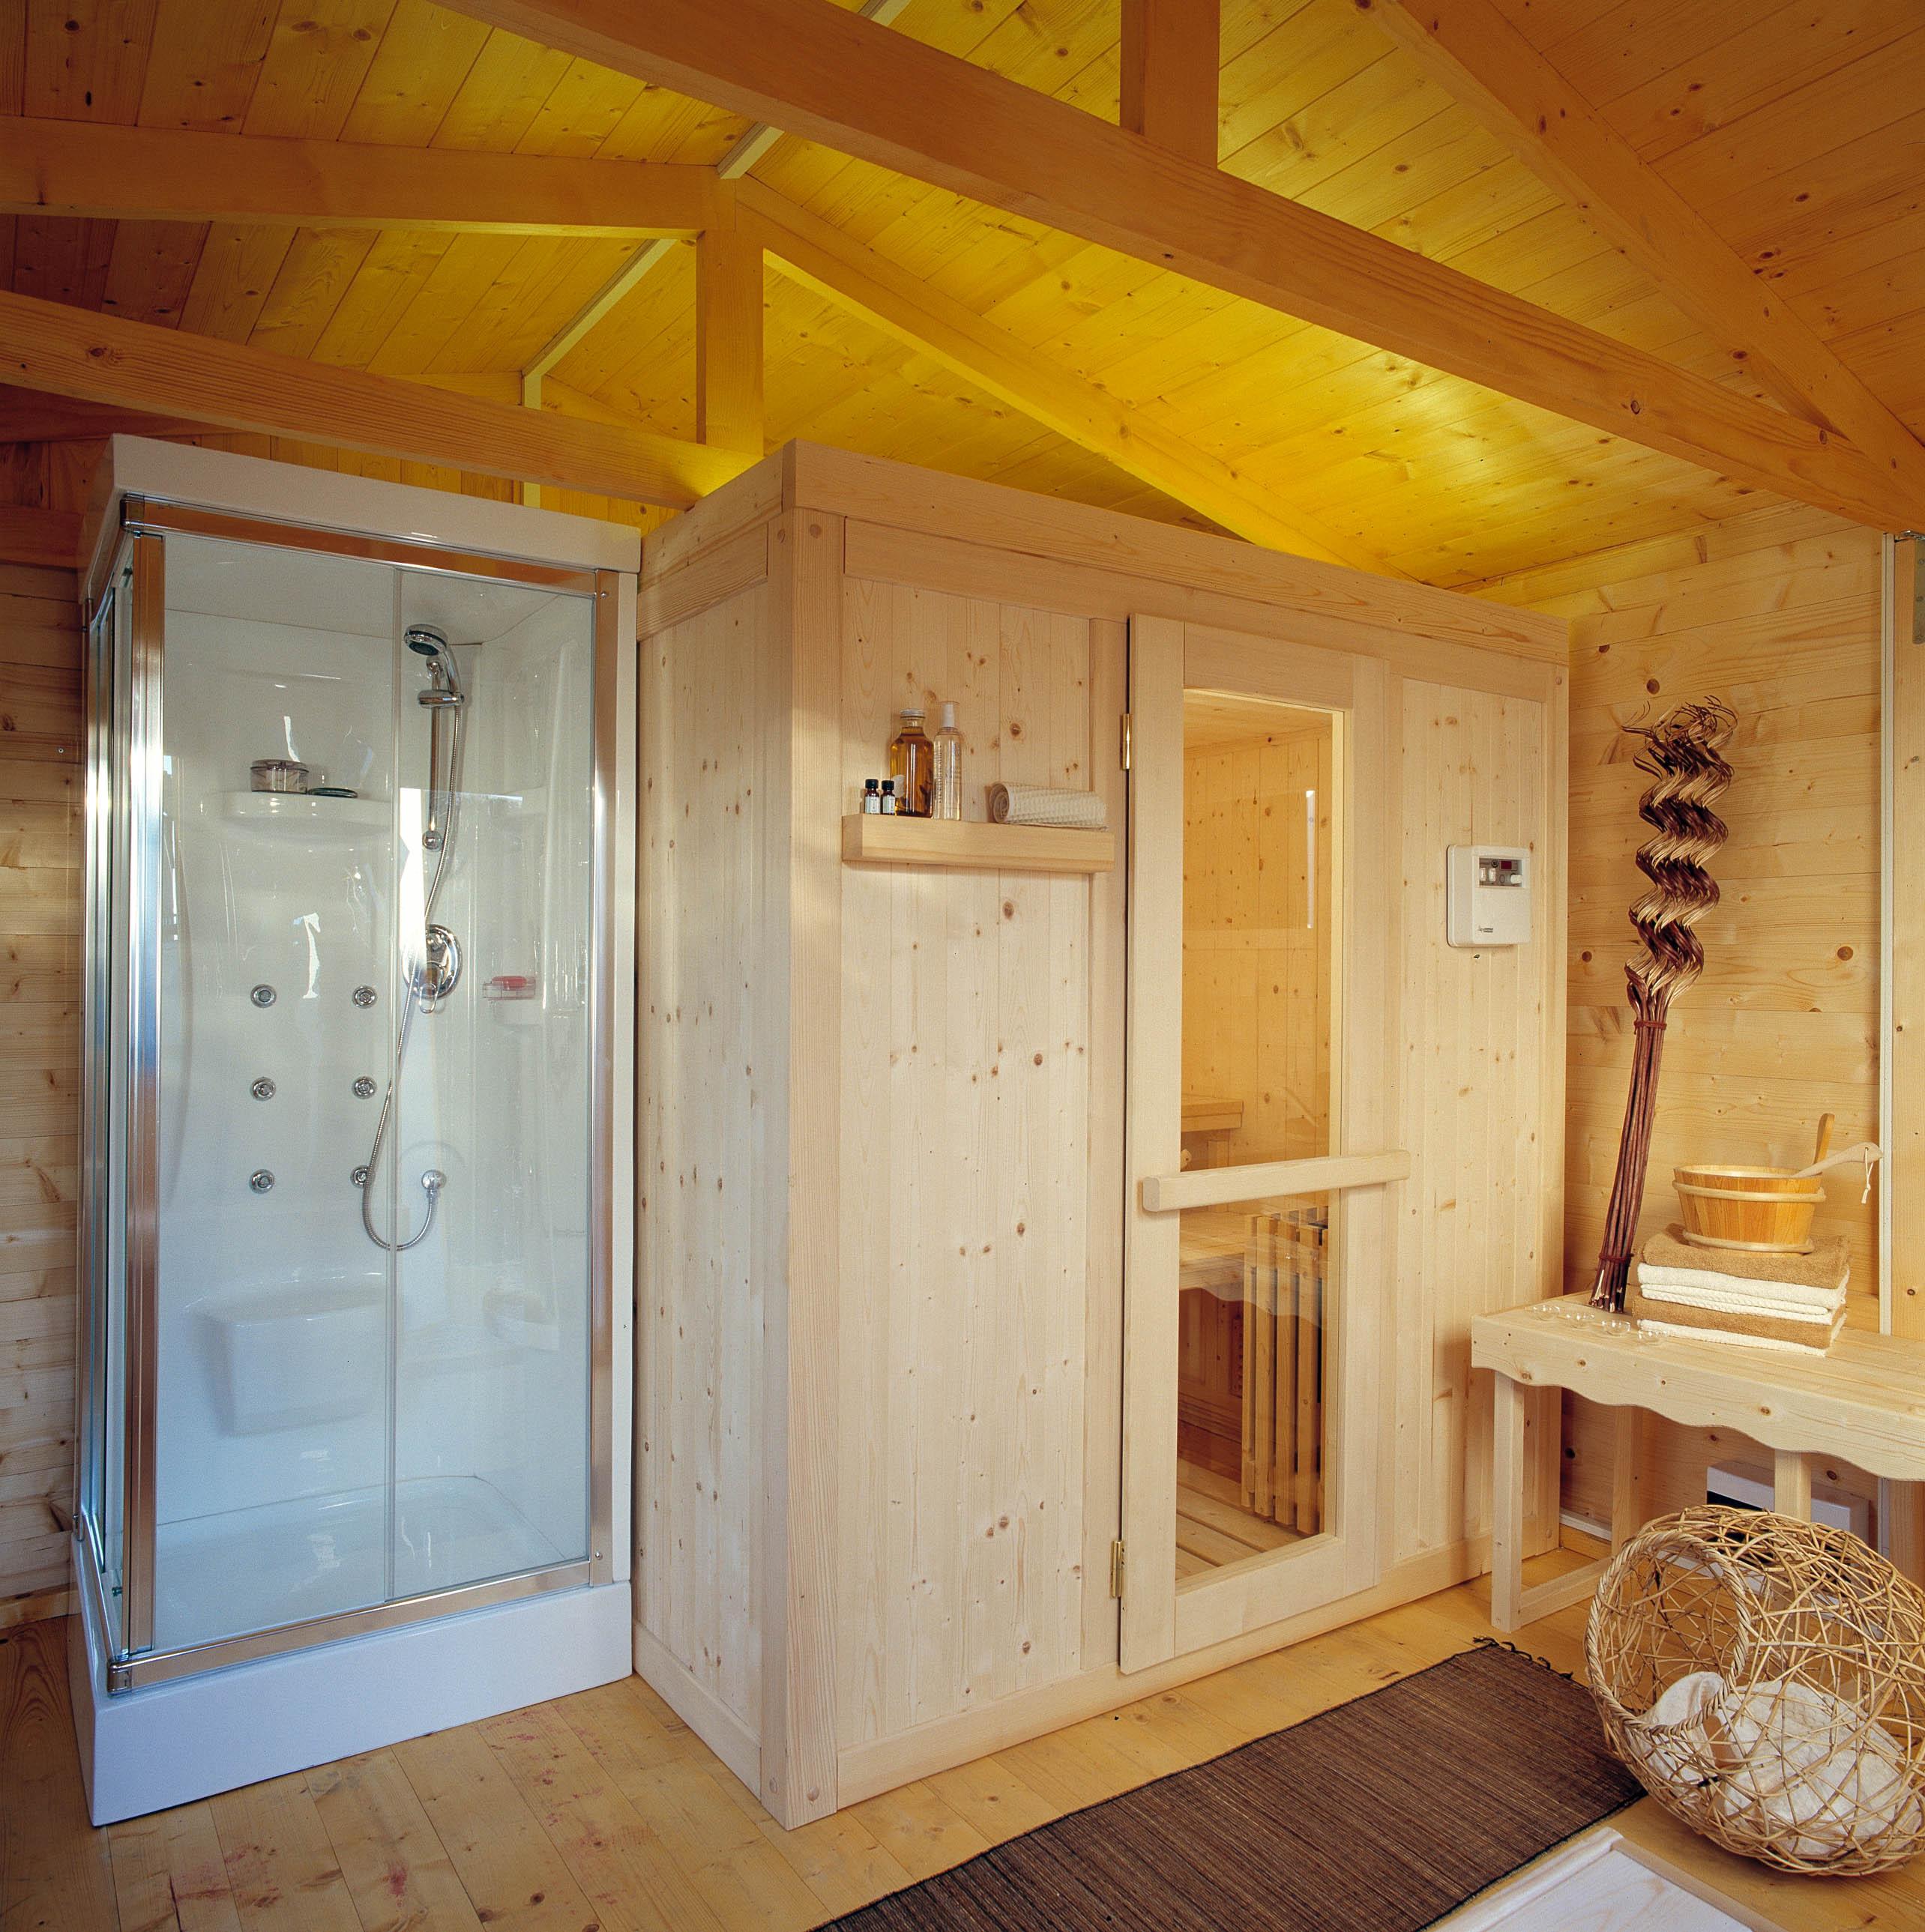 Modelli sauna finlandese e sauna con bagno turco hammam in - Sauna per casa prezzi ...